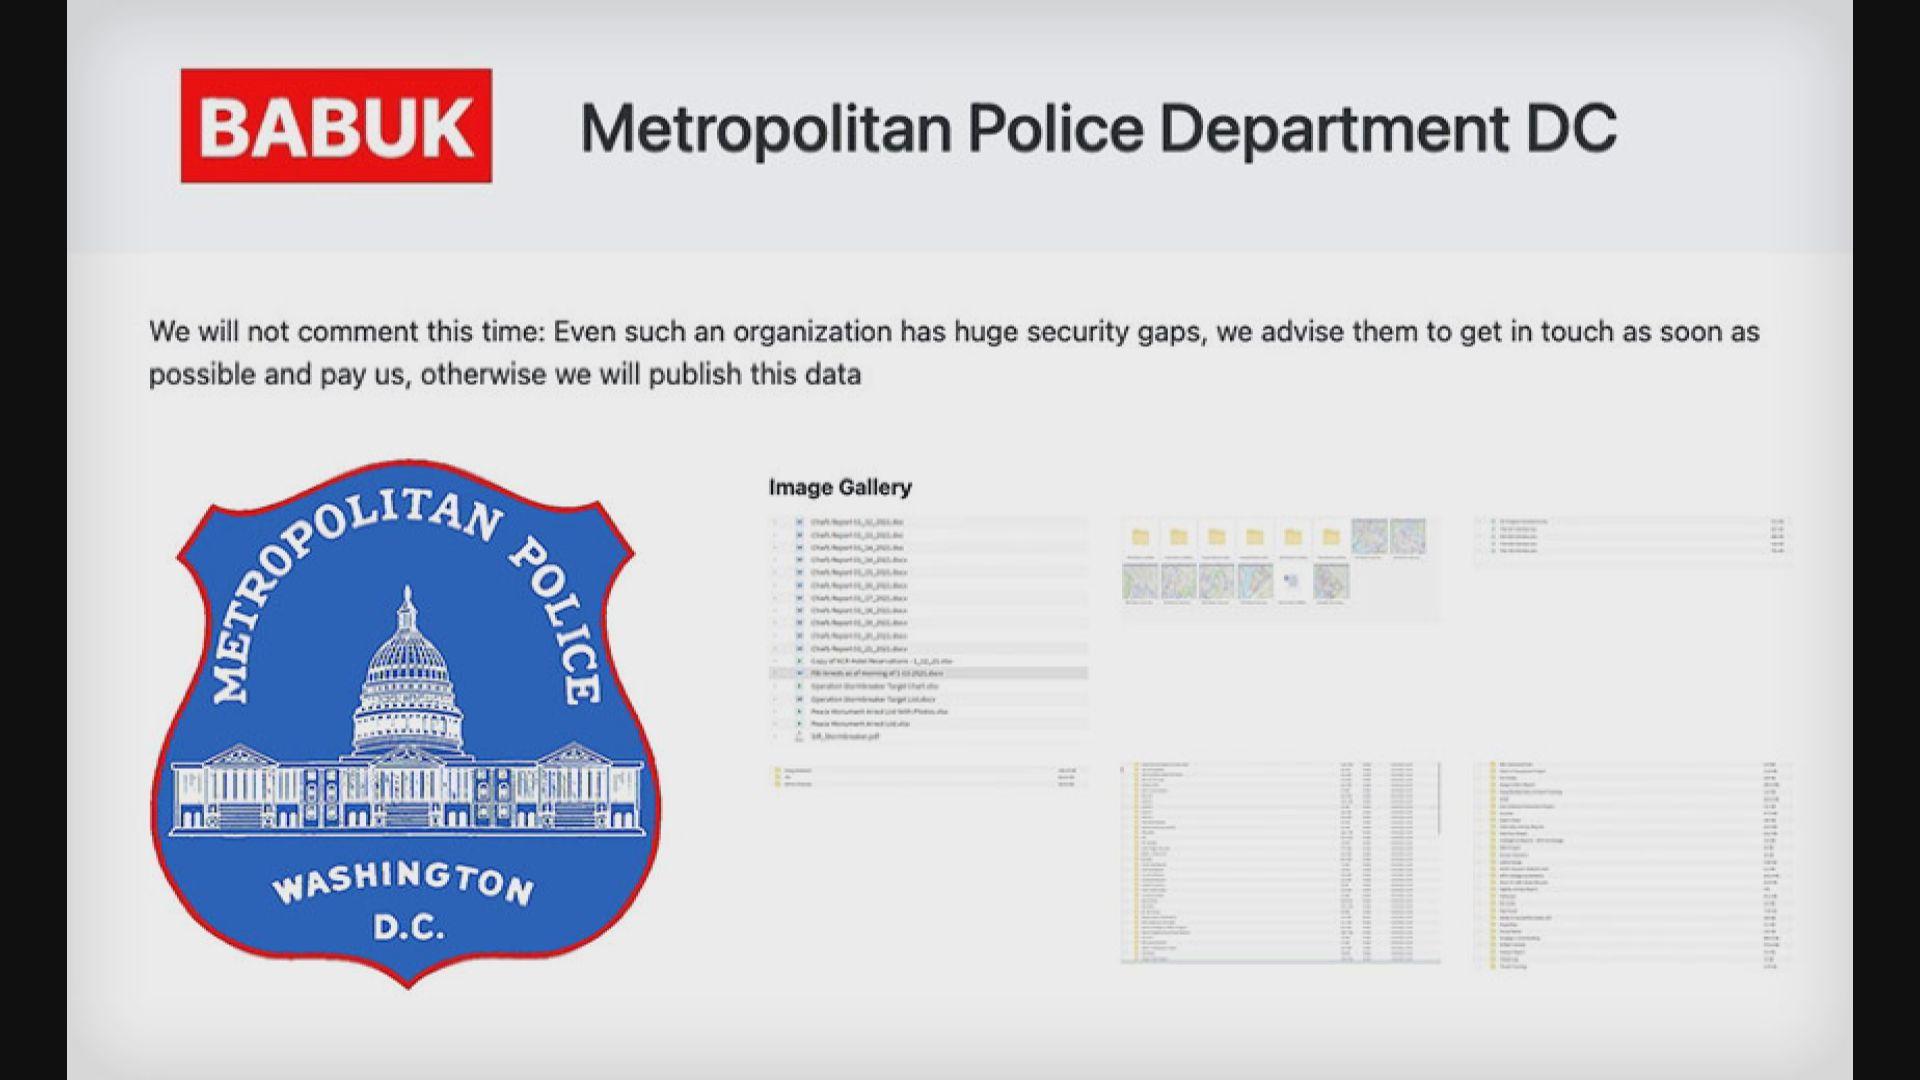 黑客勒索美國哥倫比亞特區警方 威脅公開敏感資料